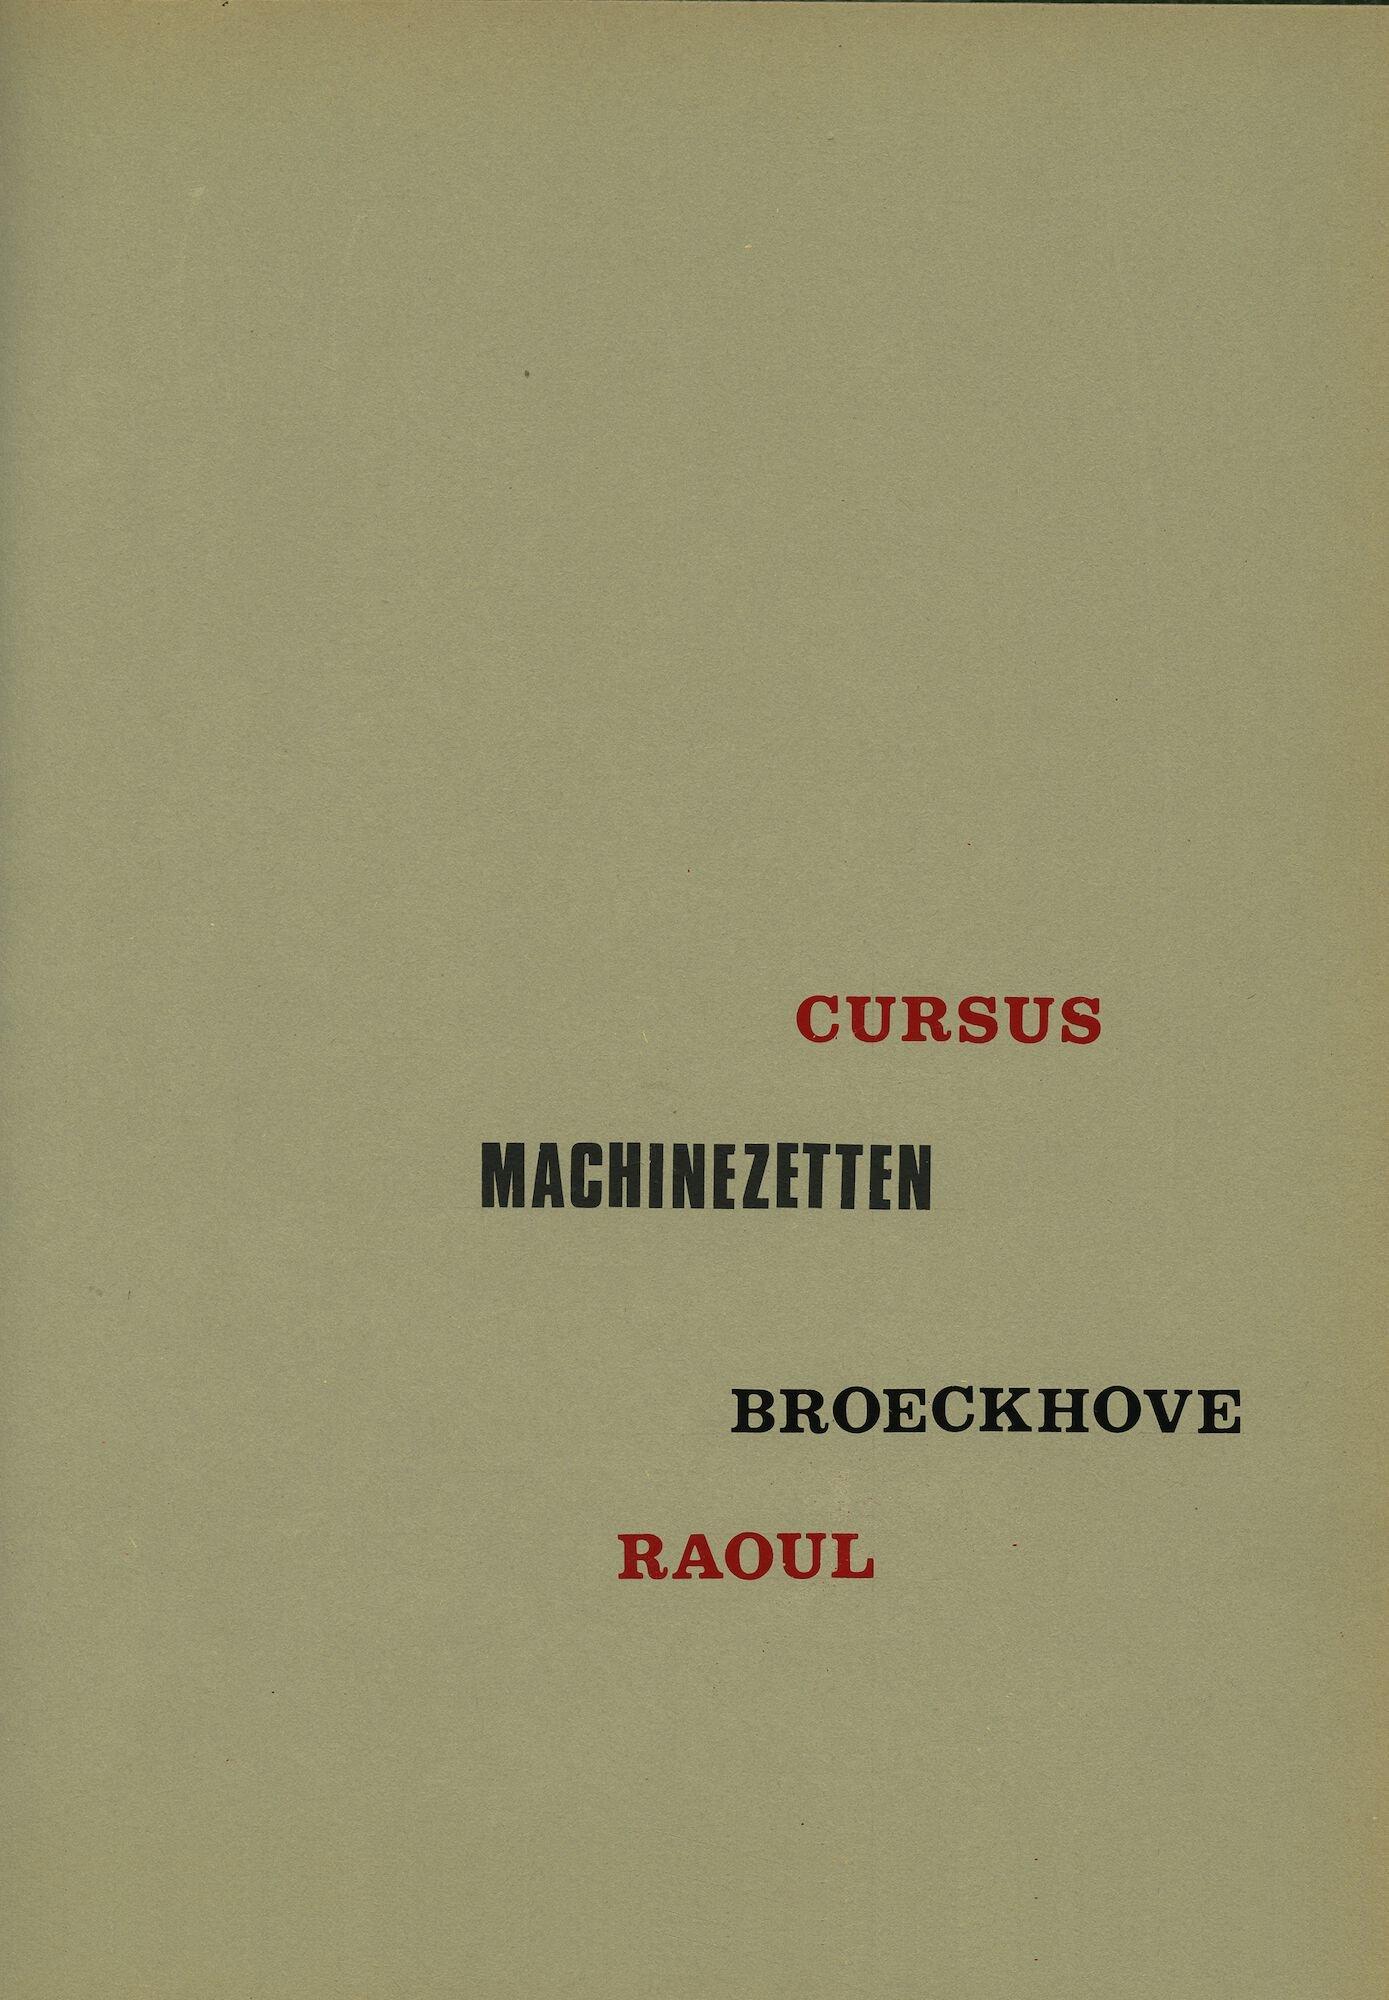 Cursus machinezetten